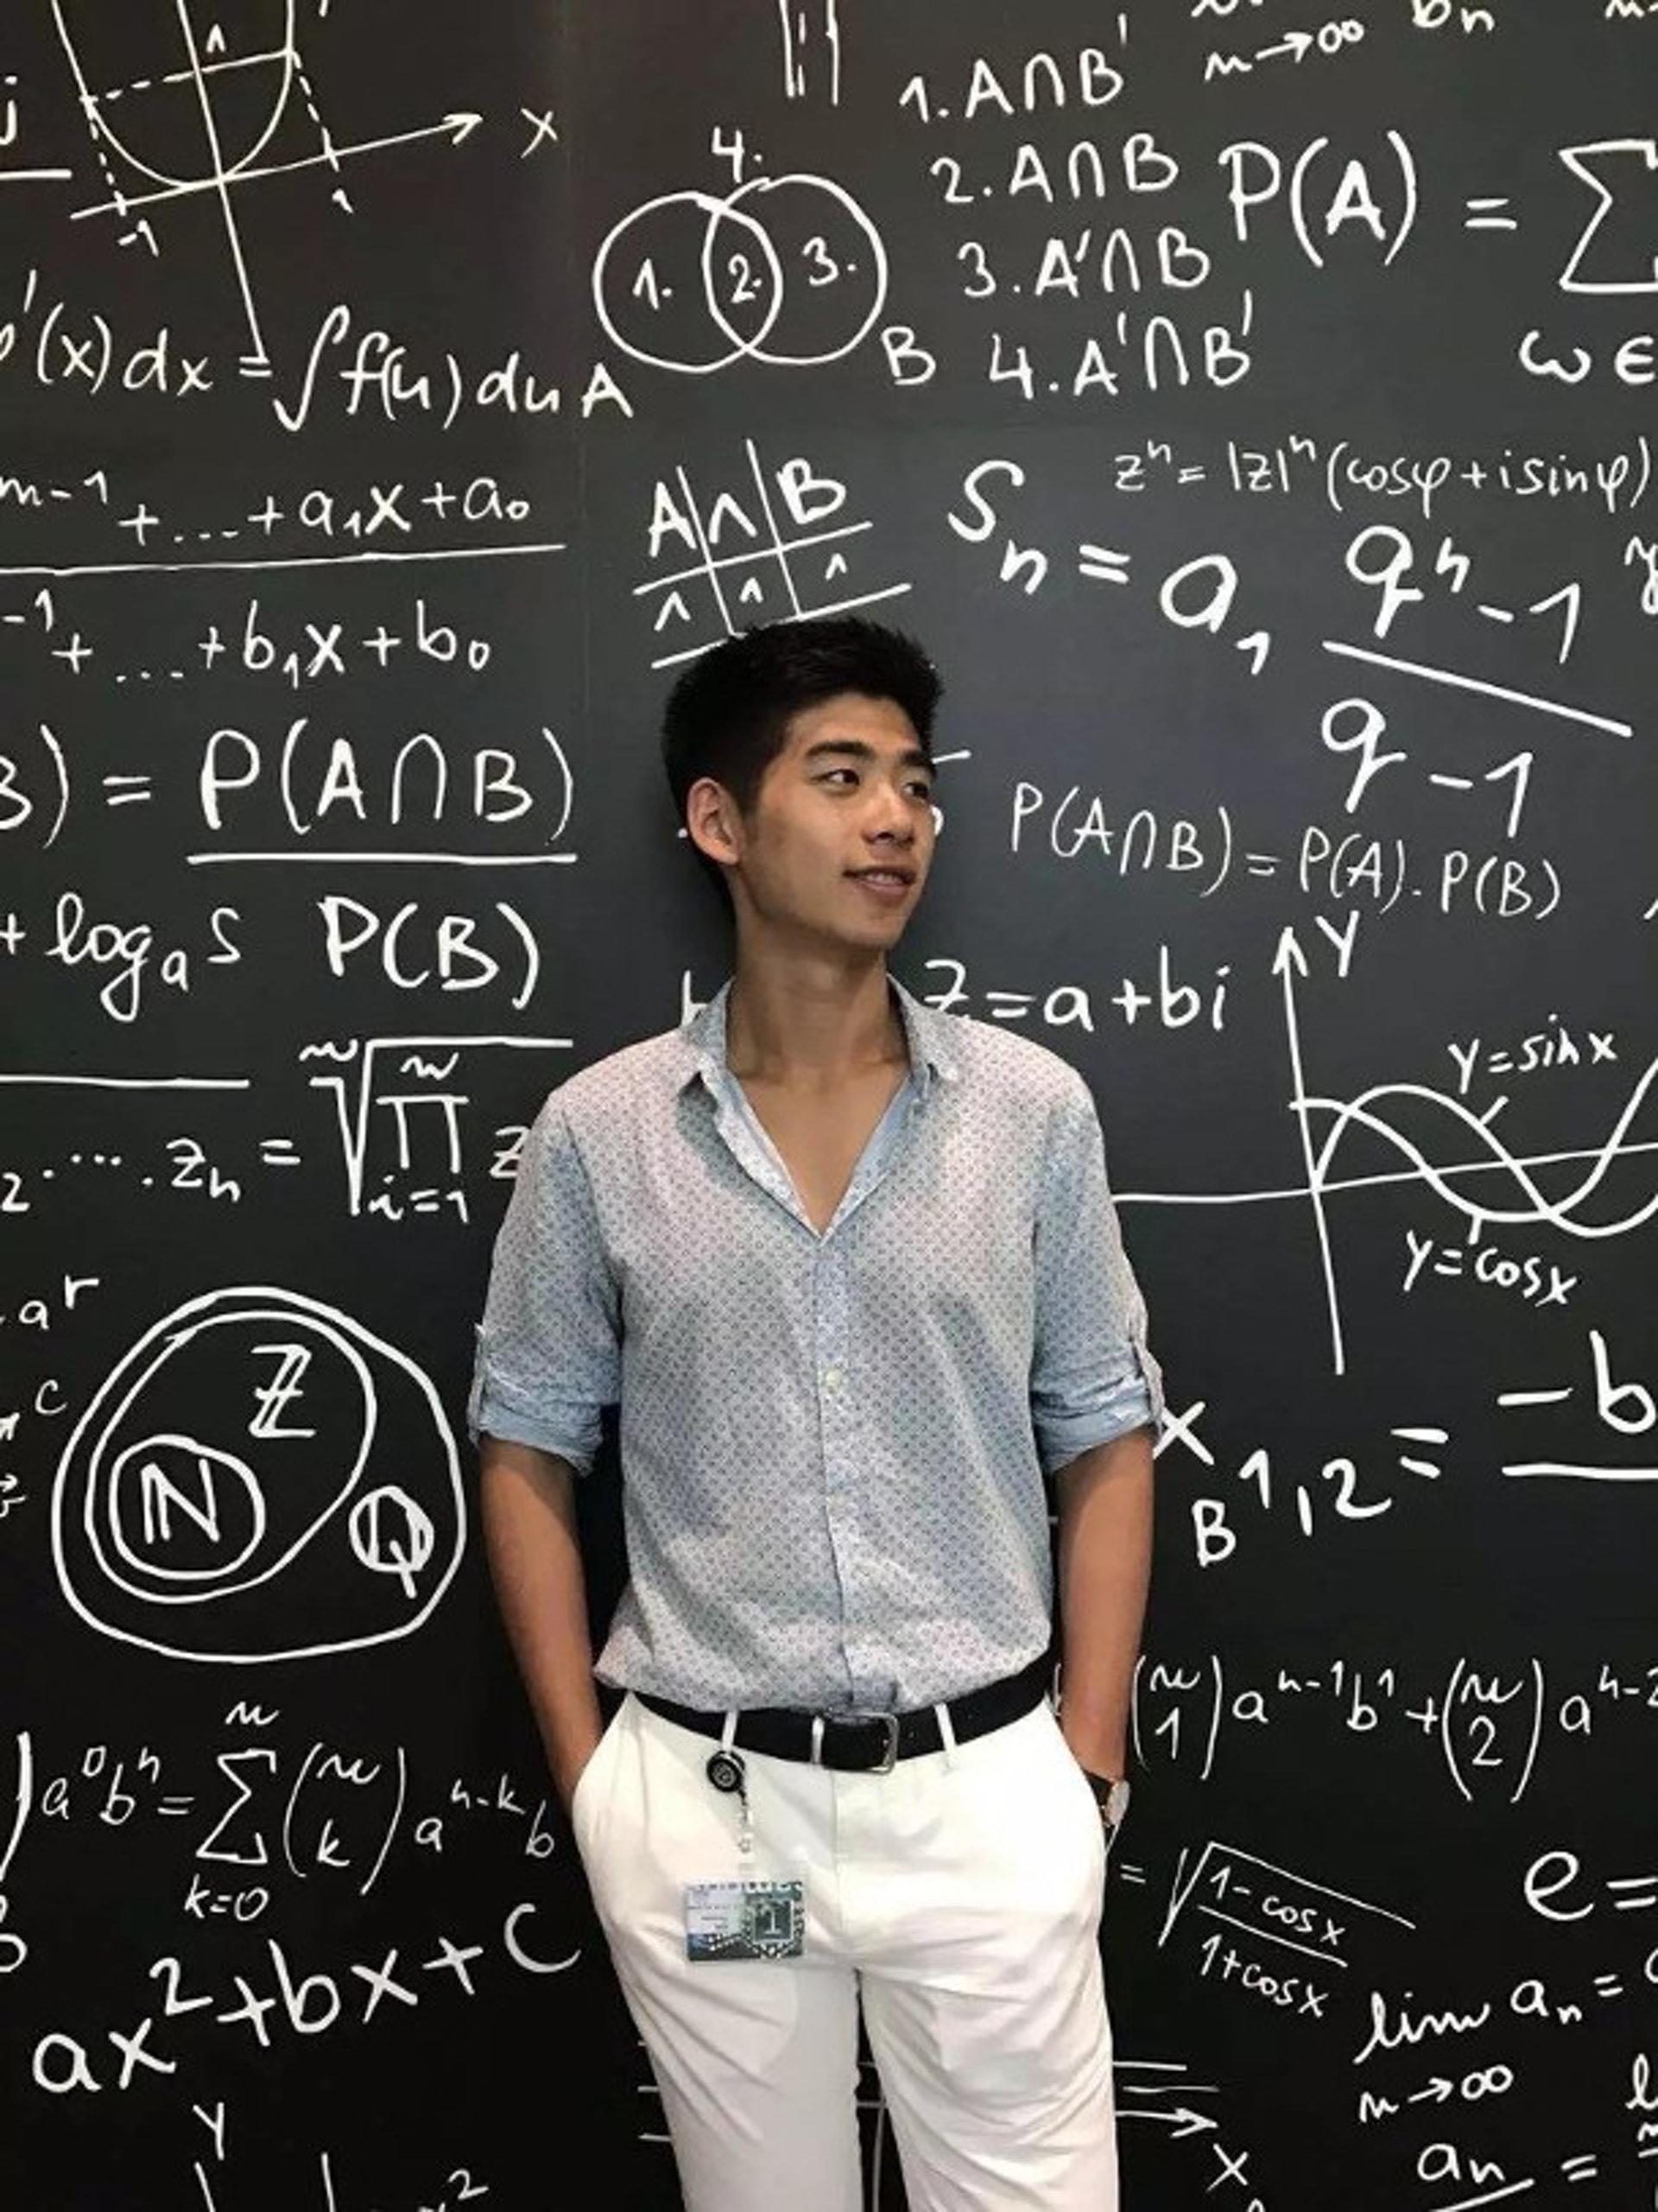 中文全名辛奇隆的Thomas是哈爾濱富二代「贏在起跑線上」,不但以絕佳成續考入哈佛大學,亦是當地少數考入哈佛的尖子,更被當地傳媒形容是「哈爾濱之光」。(ig圖片)